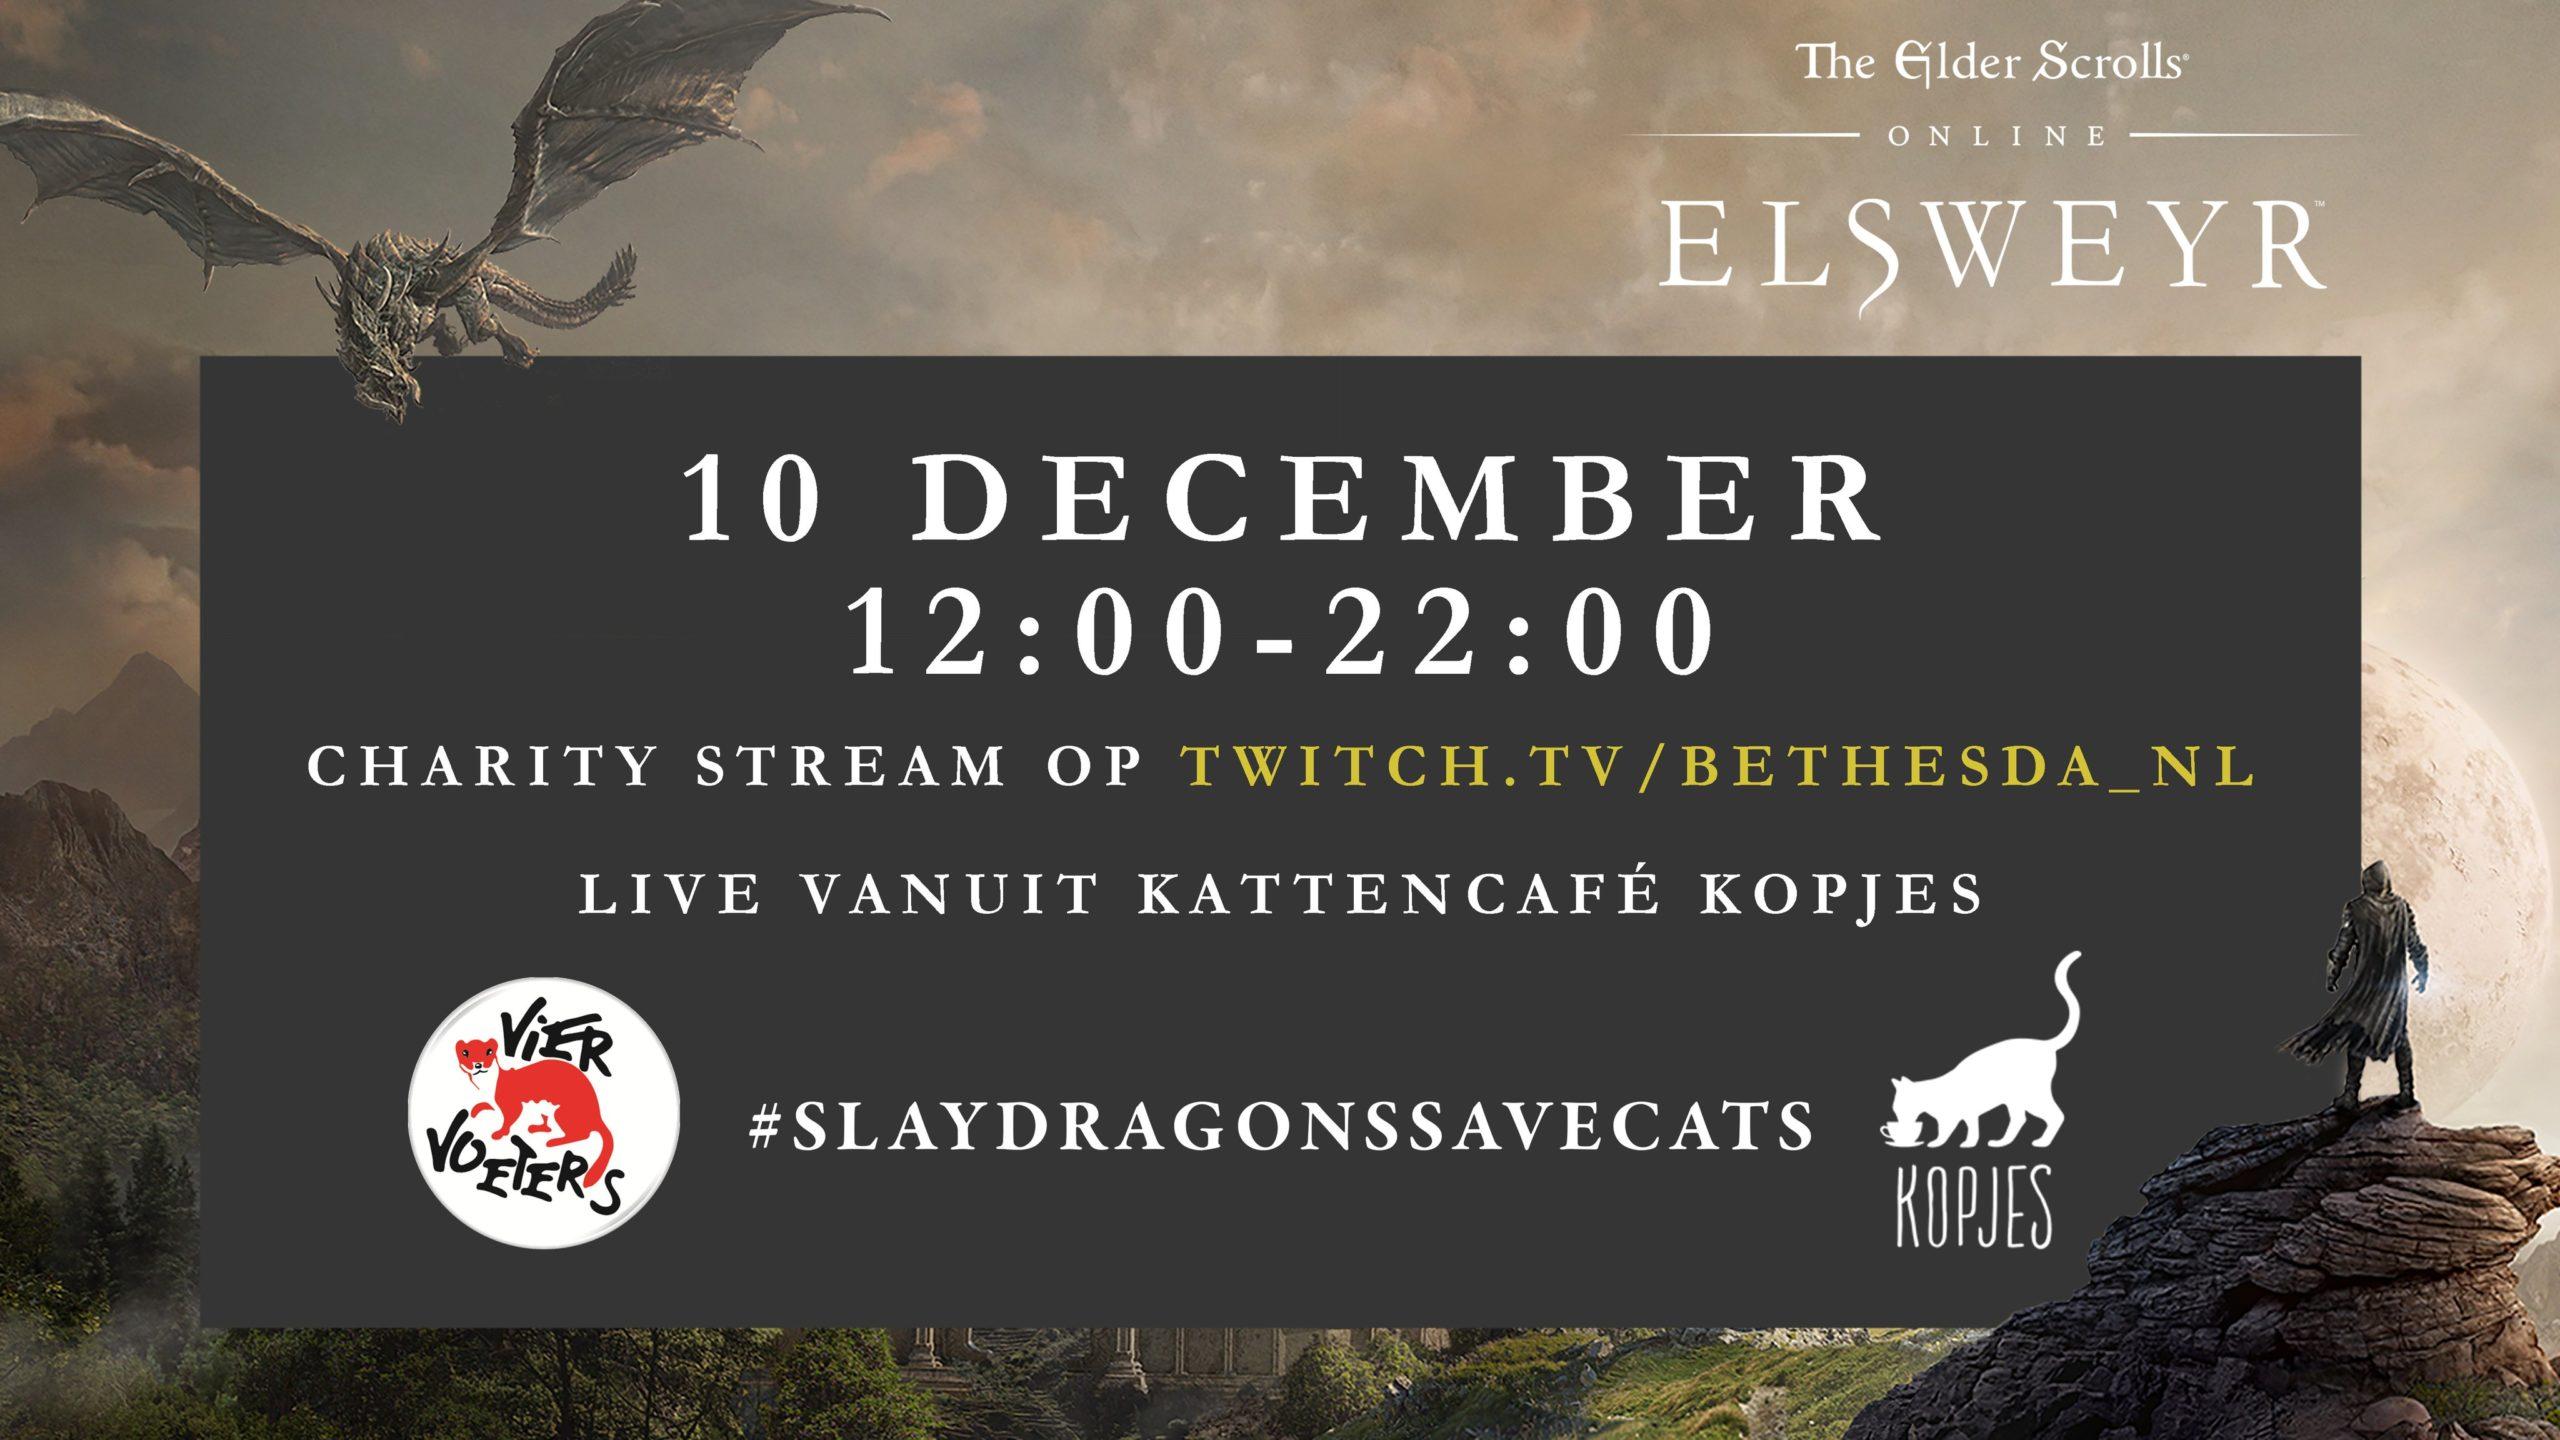 Bethesda проведет благотворительный стрим игры The Elder Scrolls Online:Elsweyr.